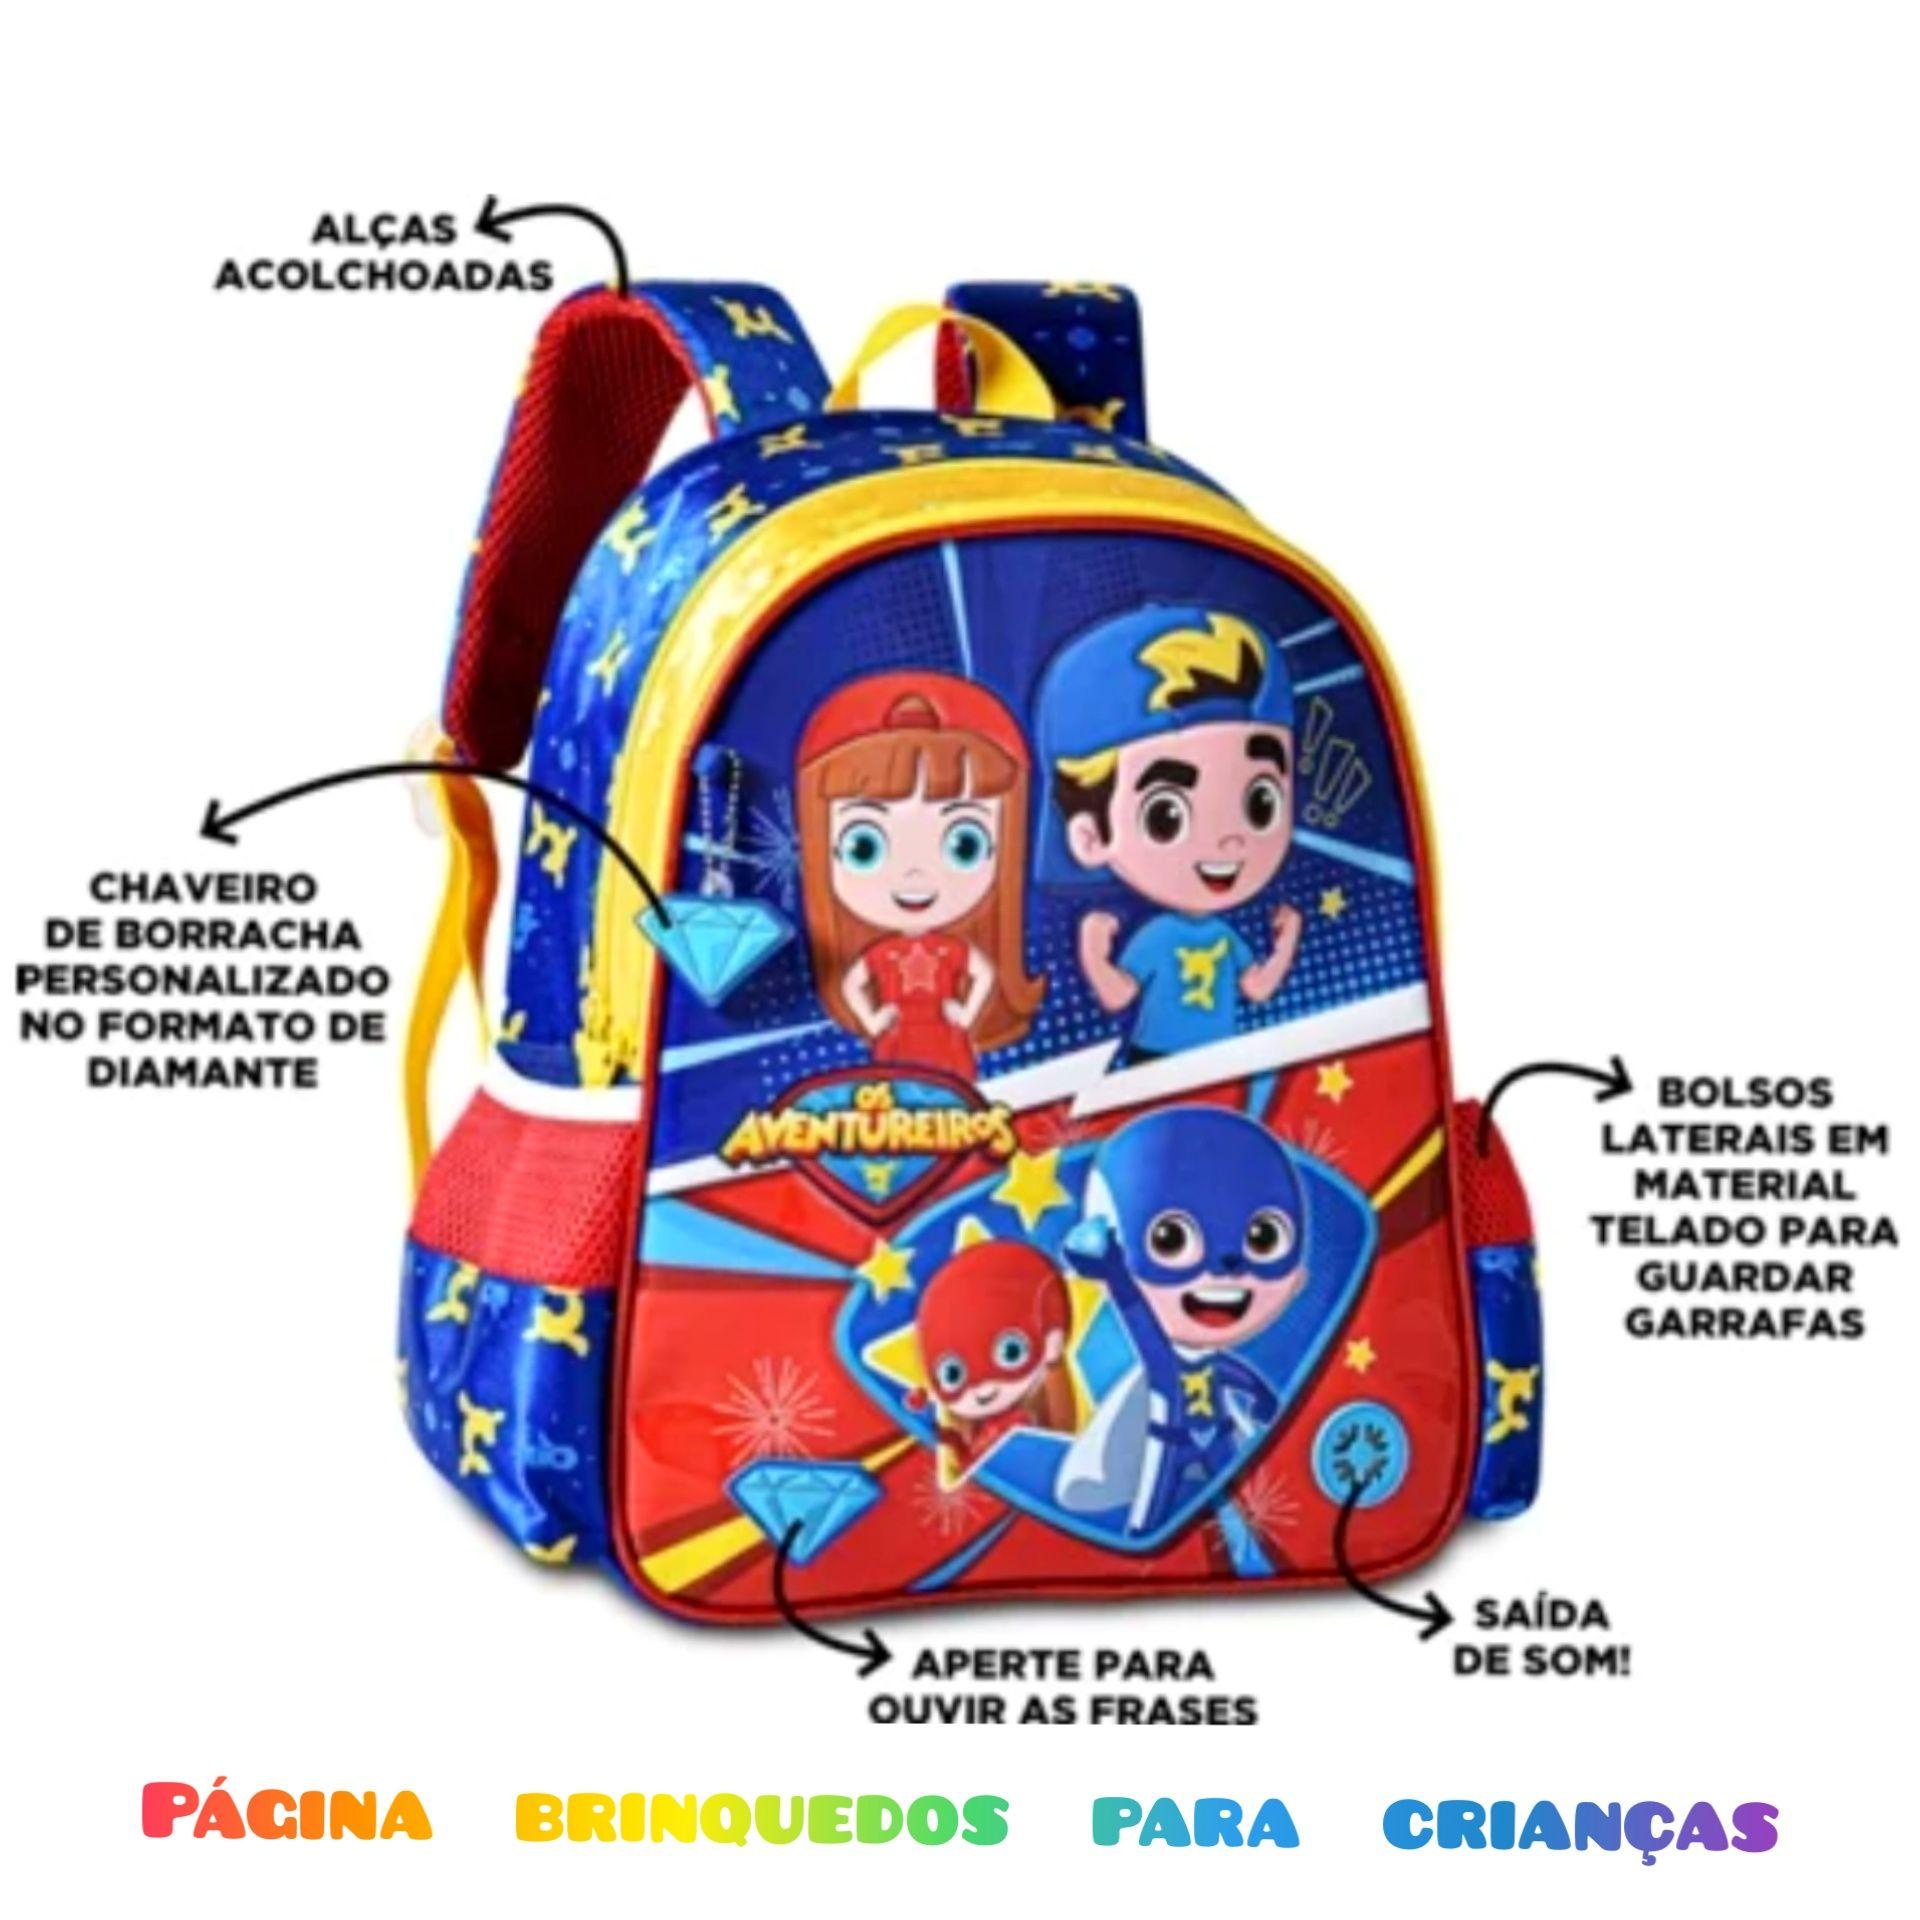 Mochila escolar com som luccas neto Giovanna e os aventureiros